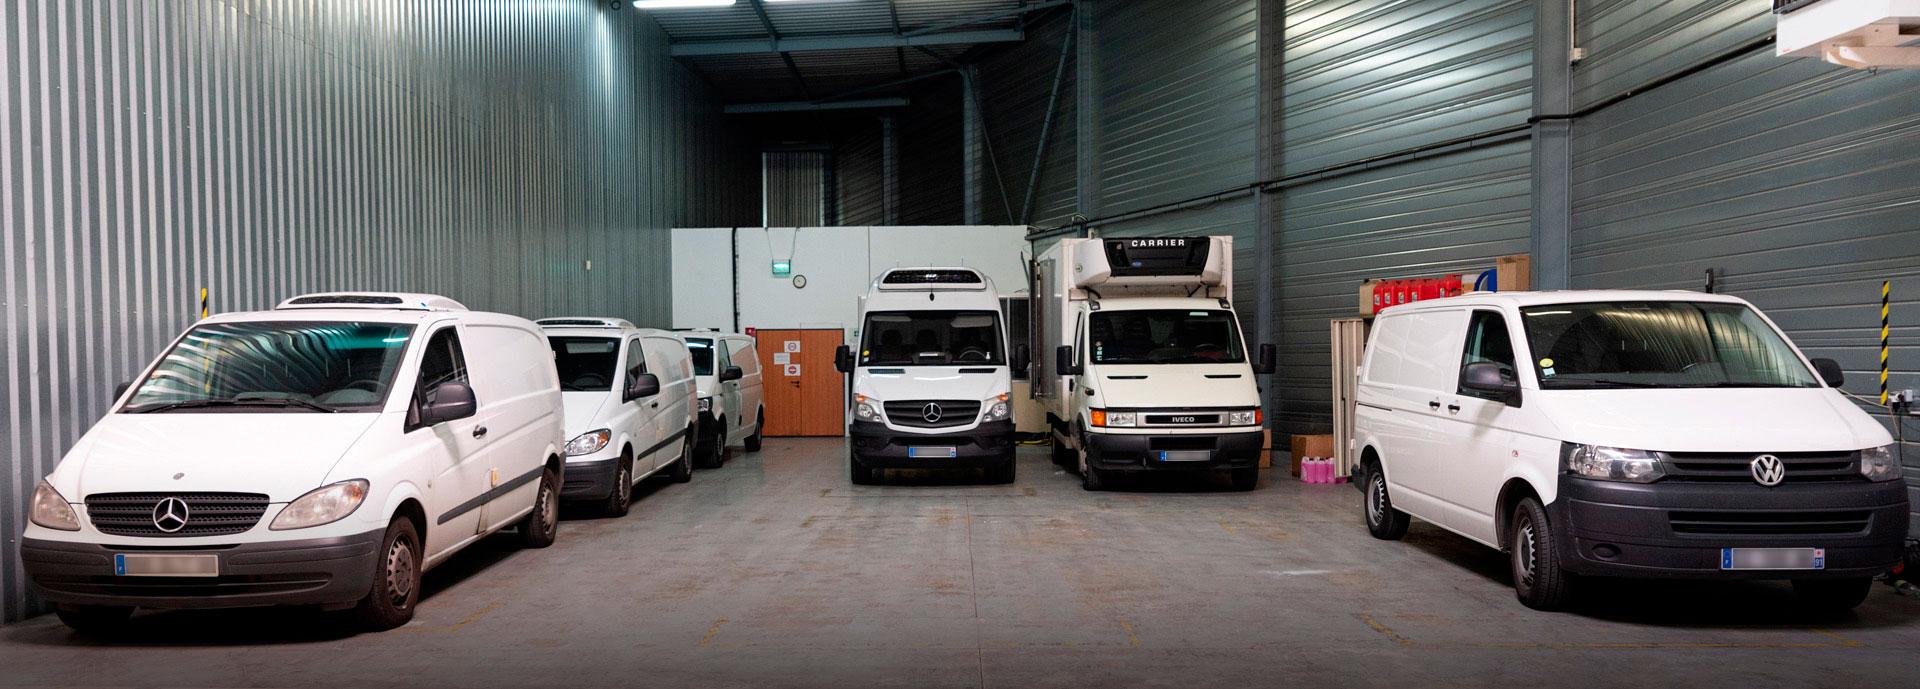 Flotte de véhicules Iso Partner